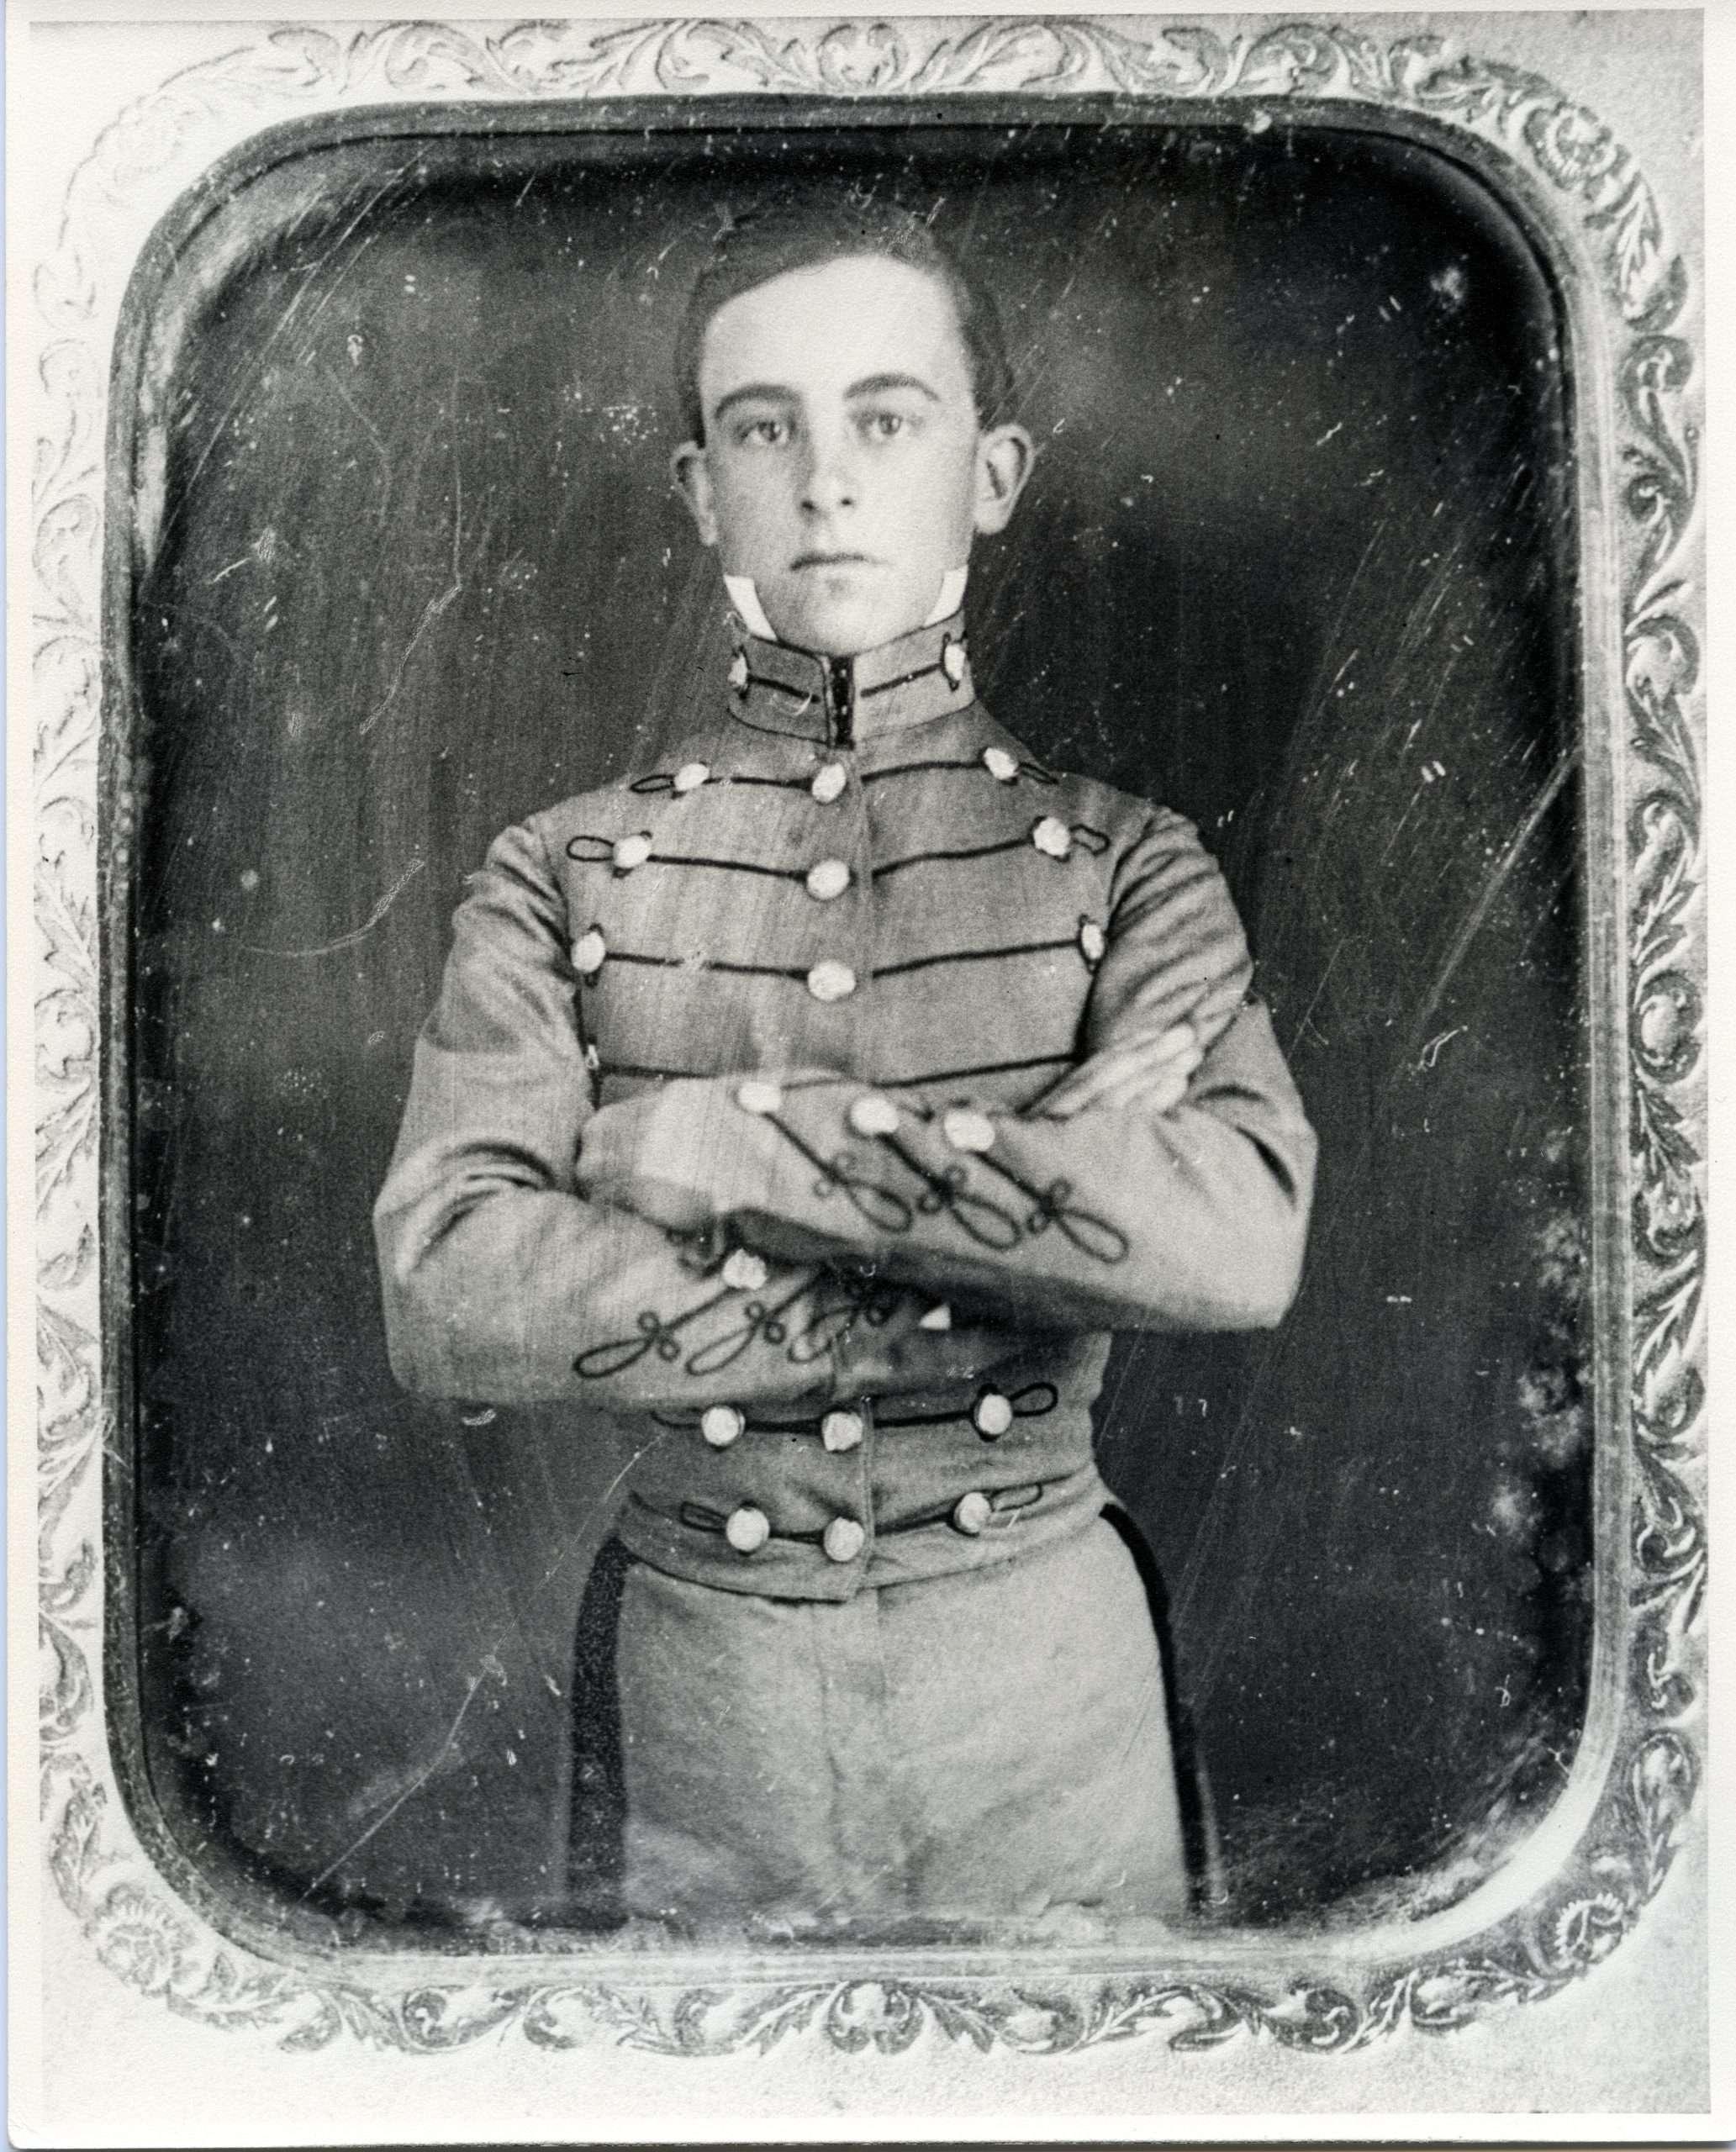 Walter H. Taylor as a VMI Cadet